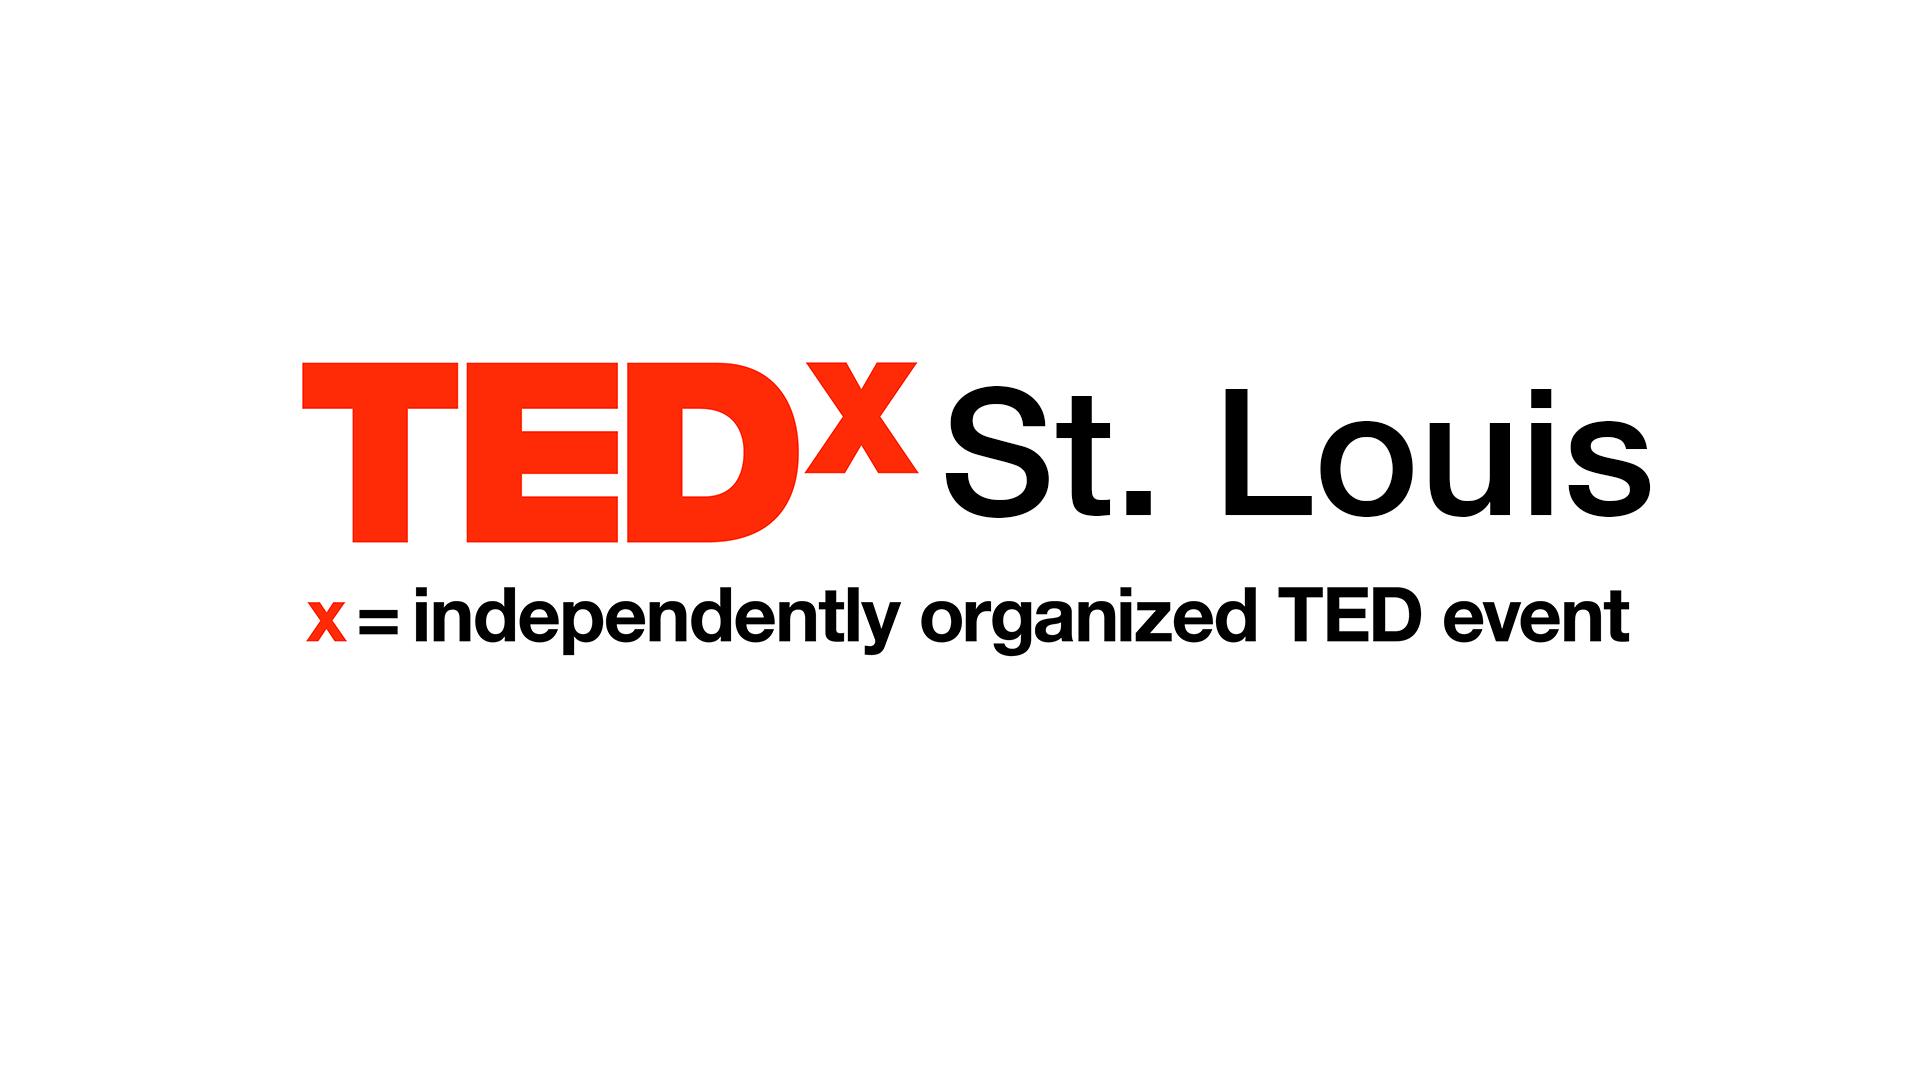 Tedx St. Louis